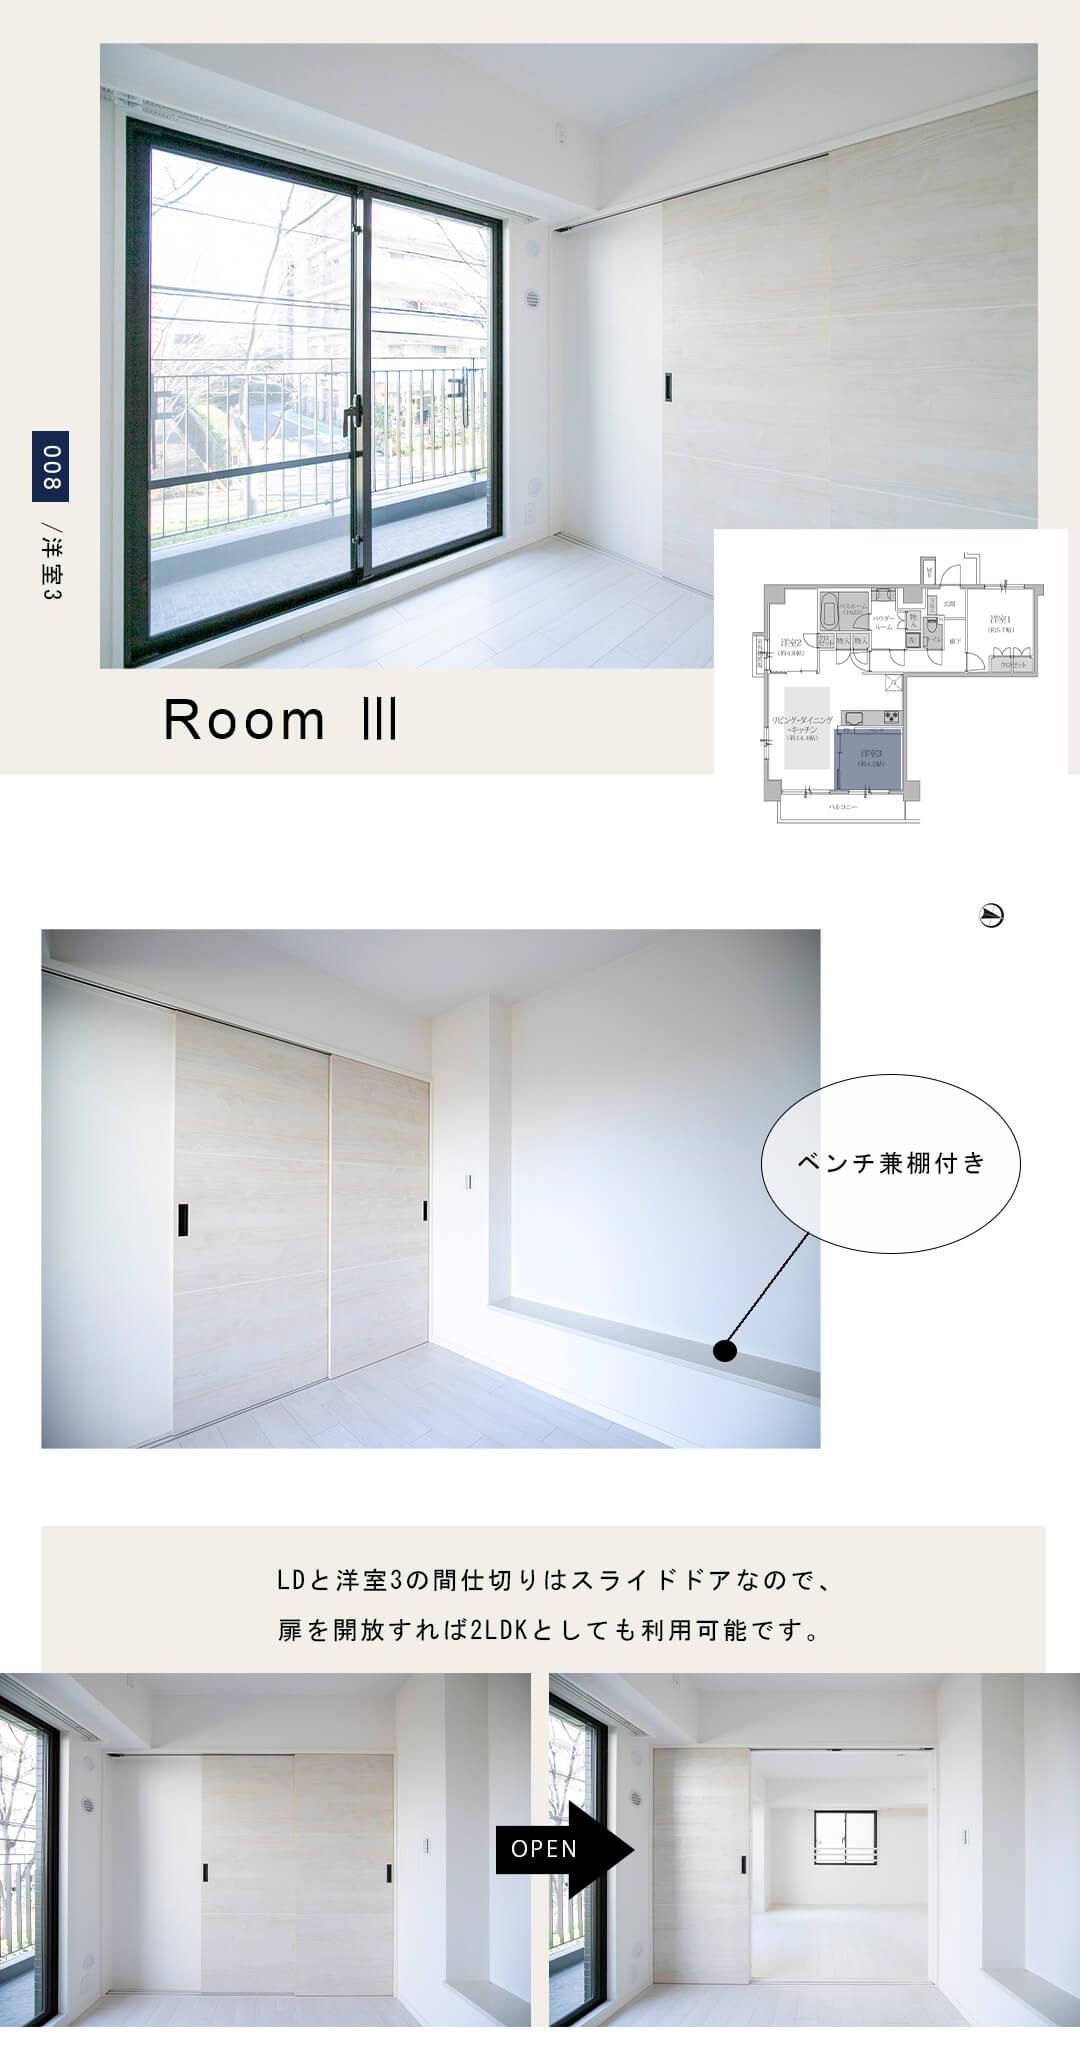 008洋室3,Room Ⅲ